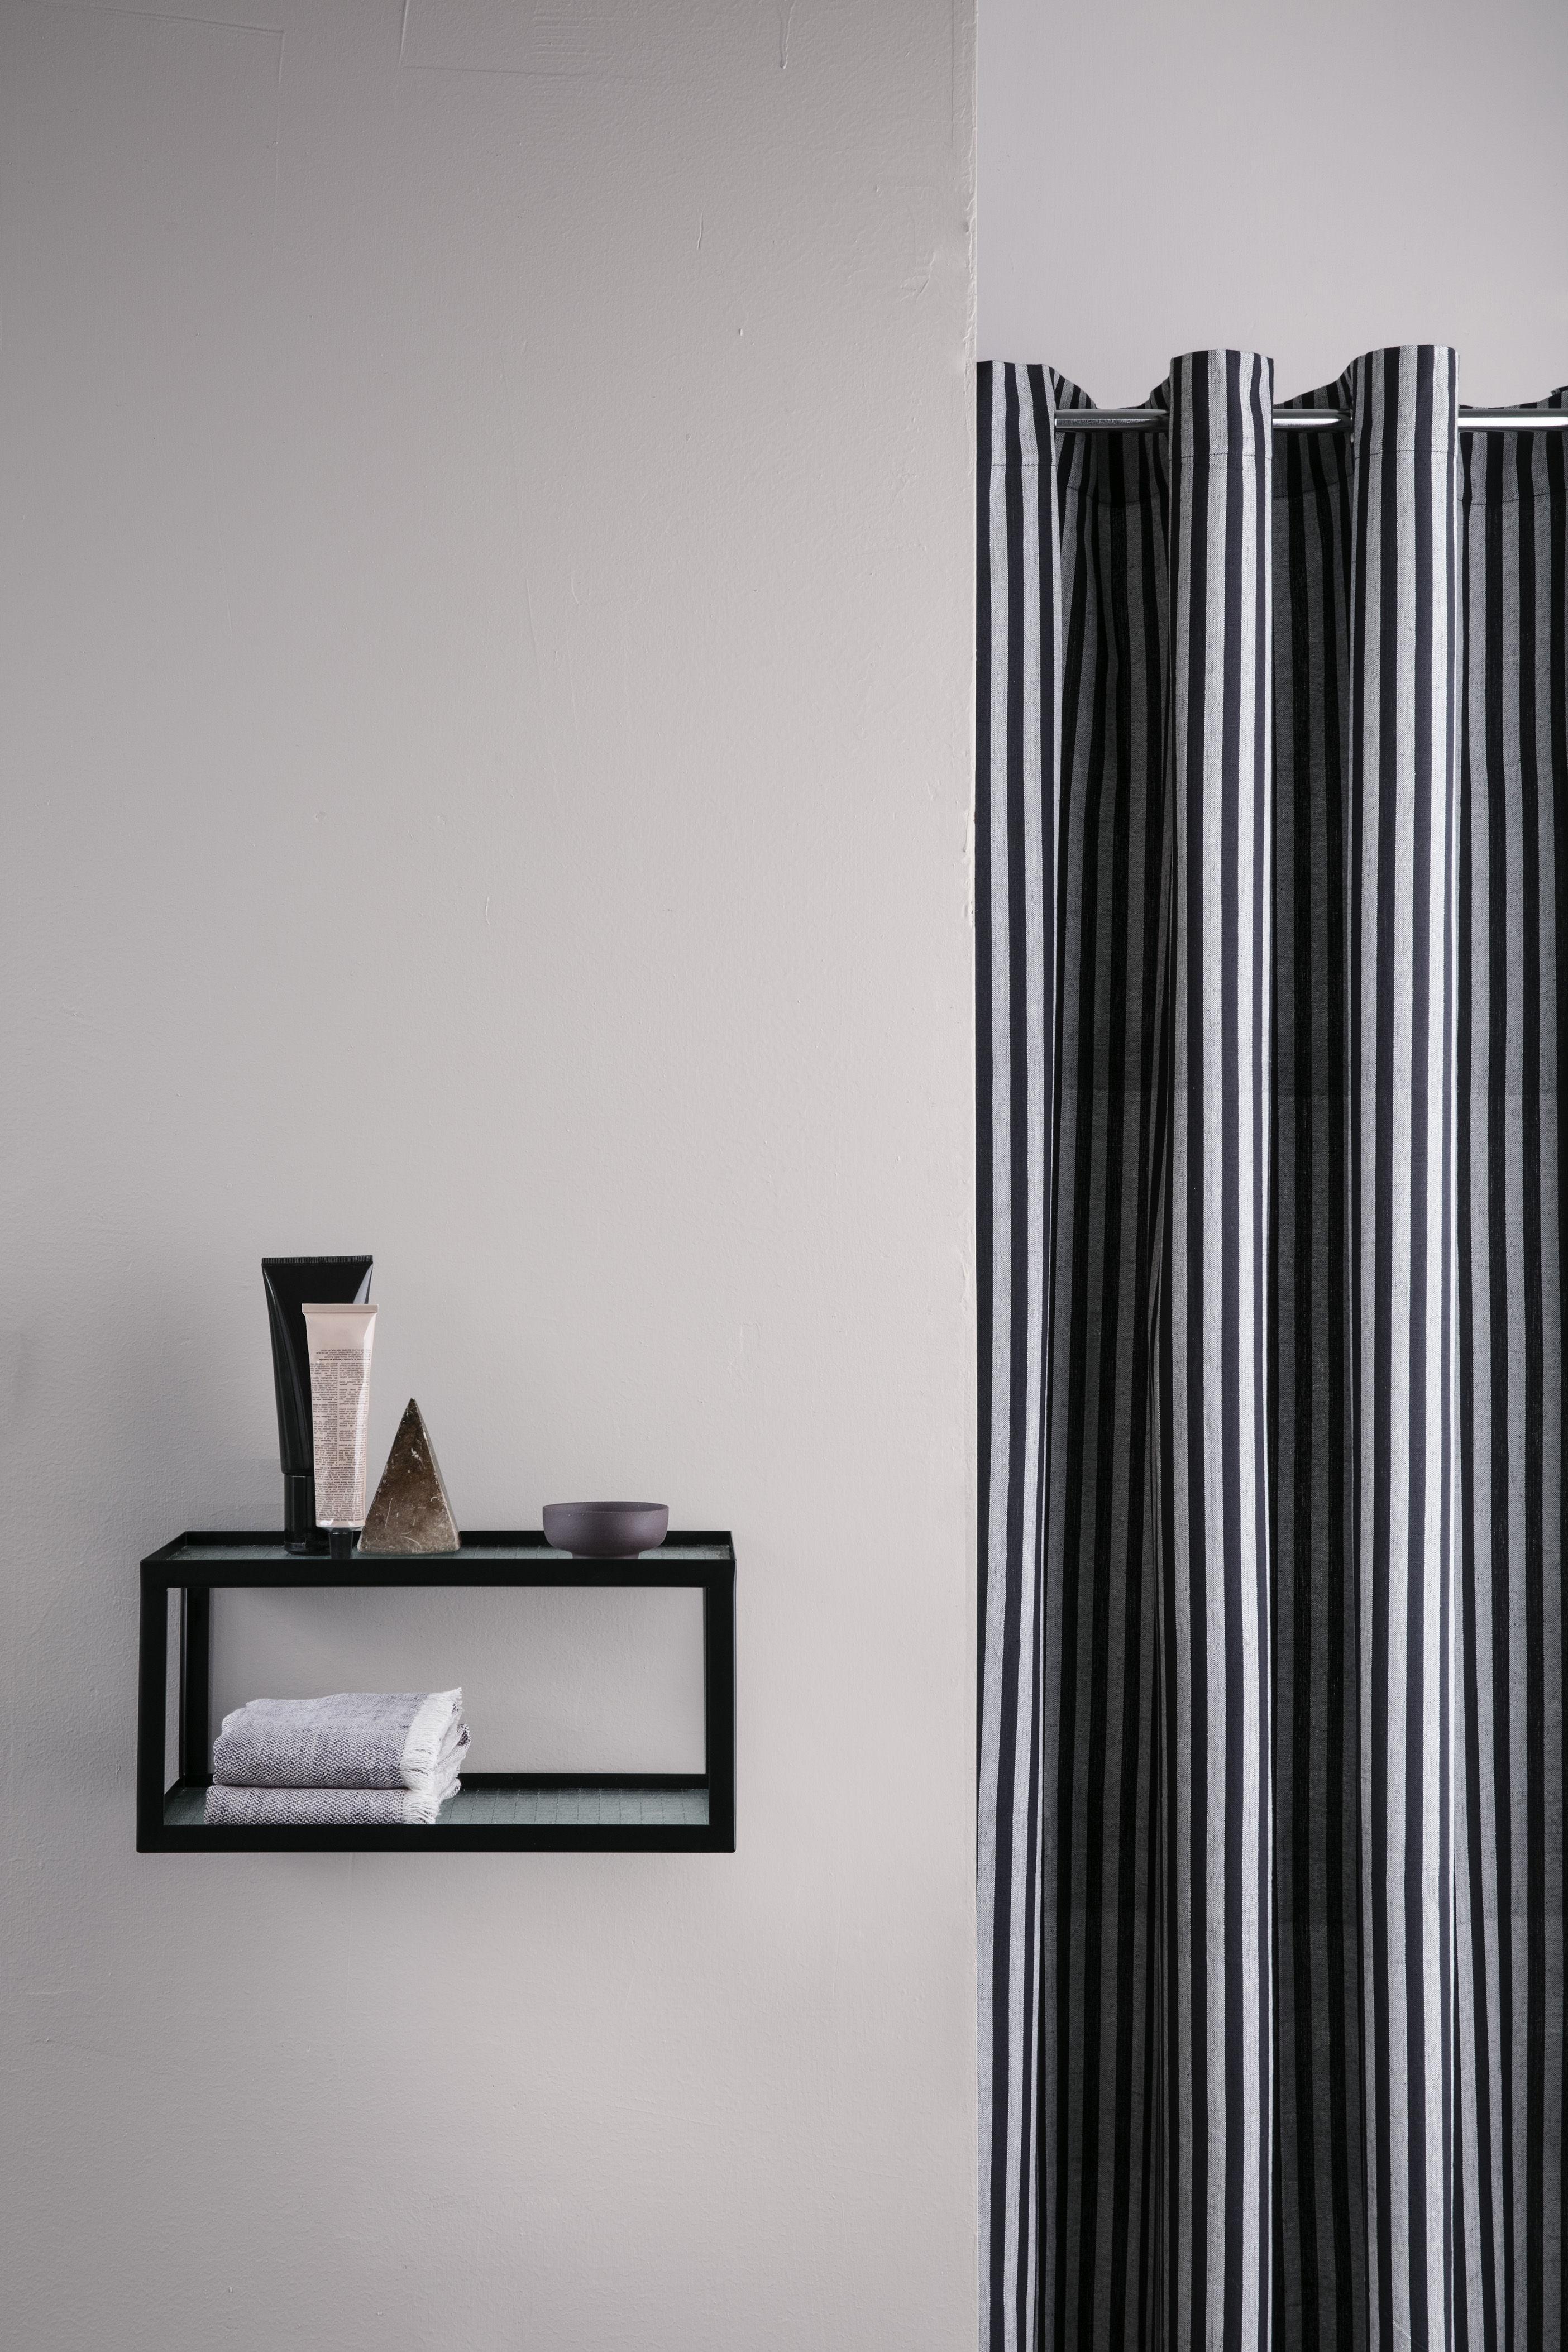 Rideau de douche chambray striped 160 x h 205 cm coton enduit ray gris noir ferm living - Rideau 160 de large ...